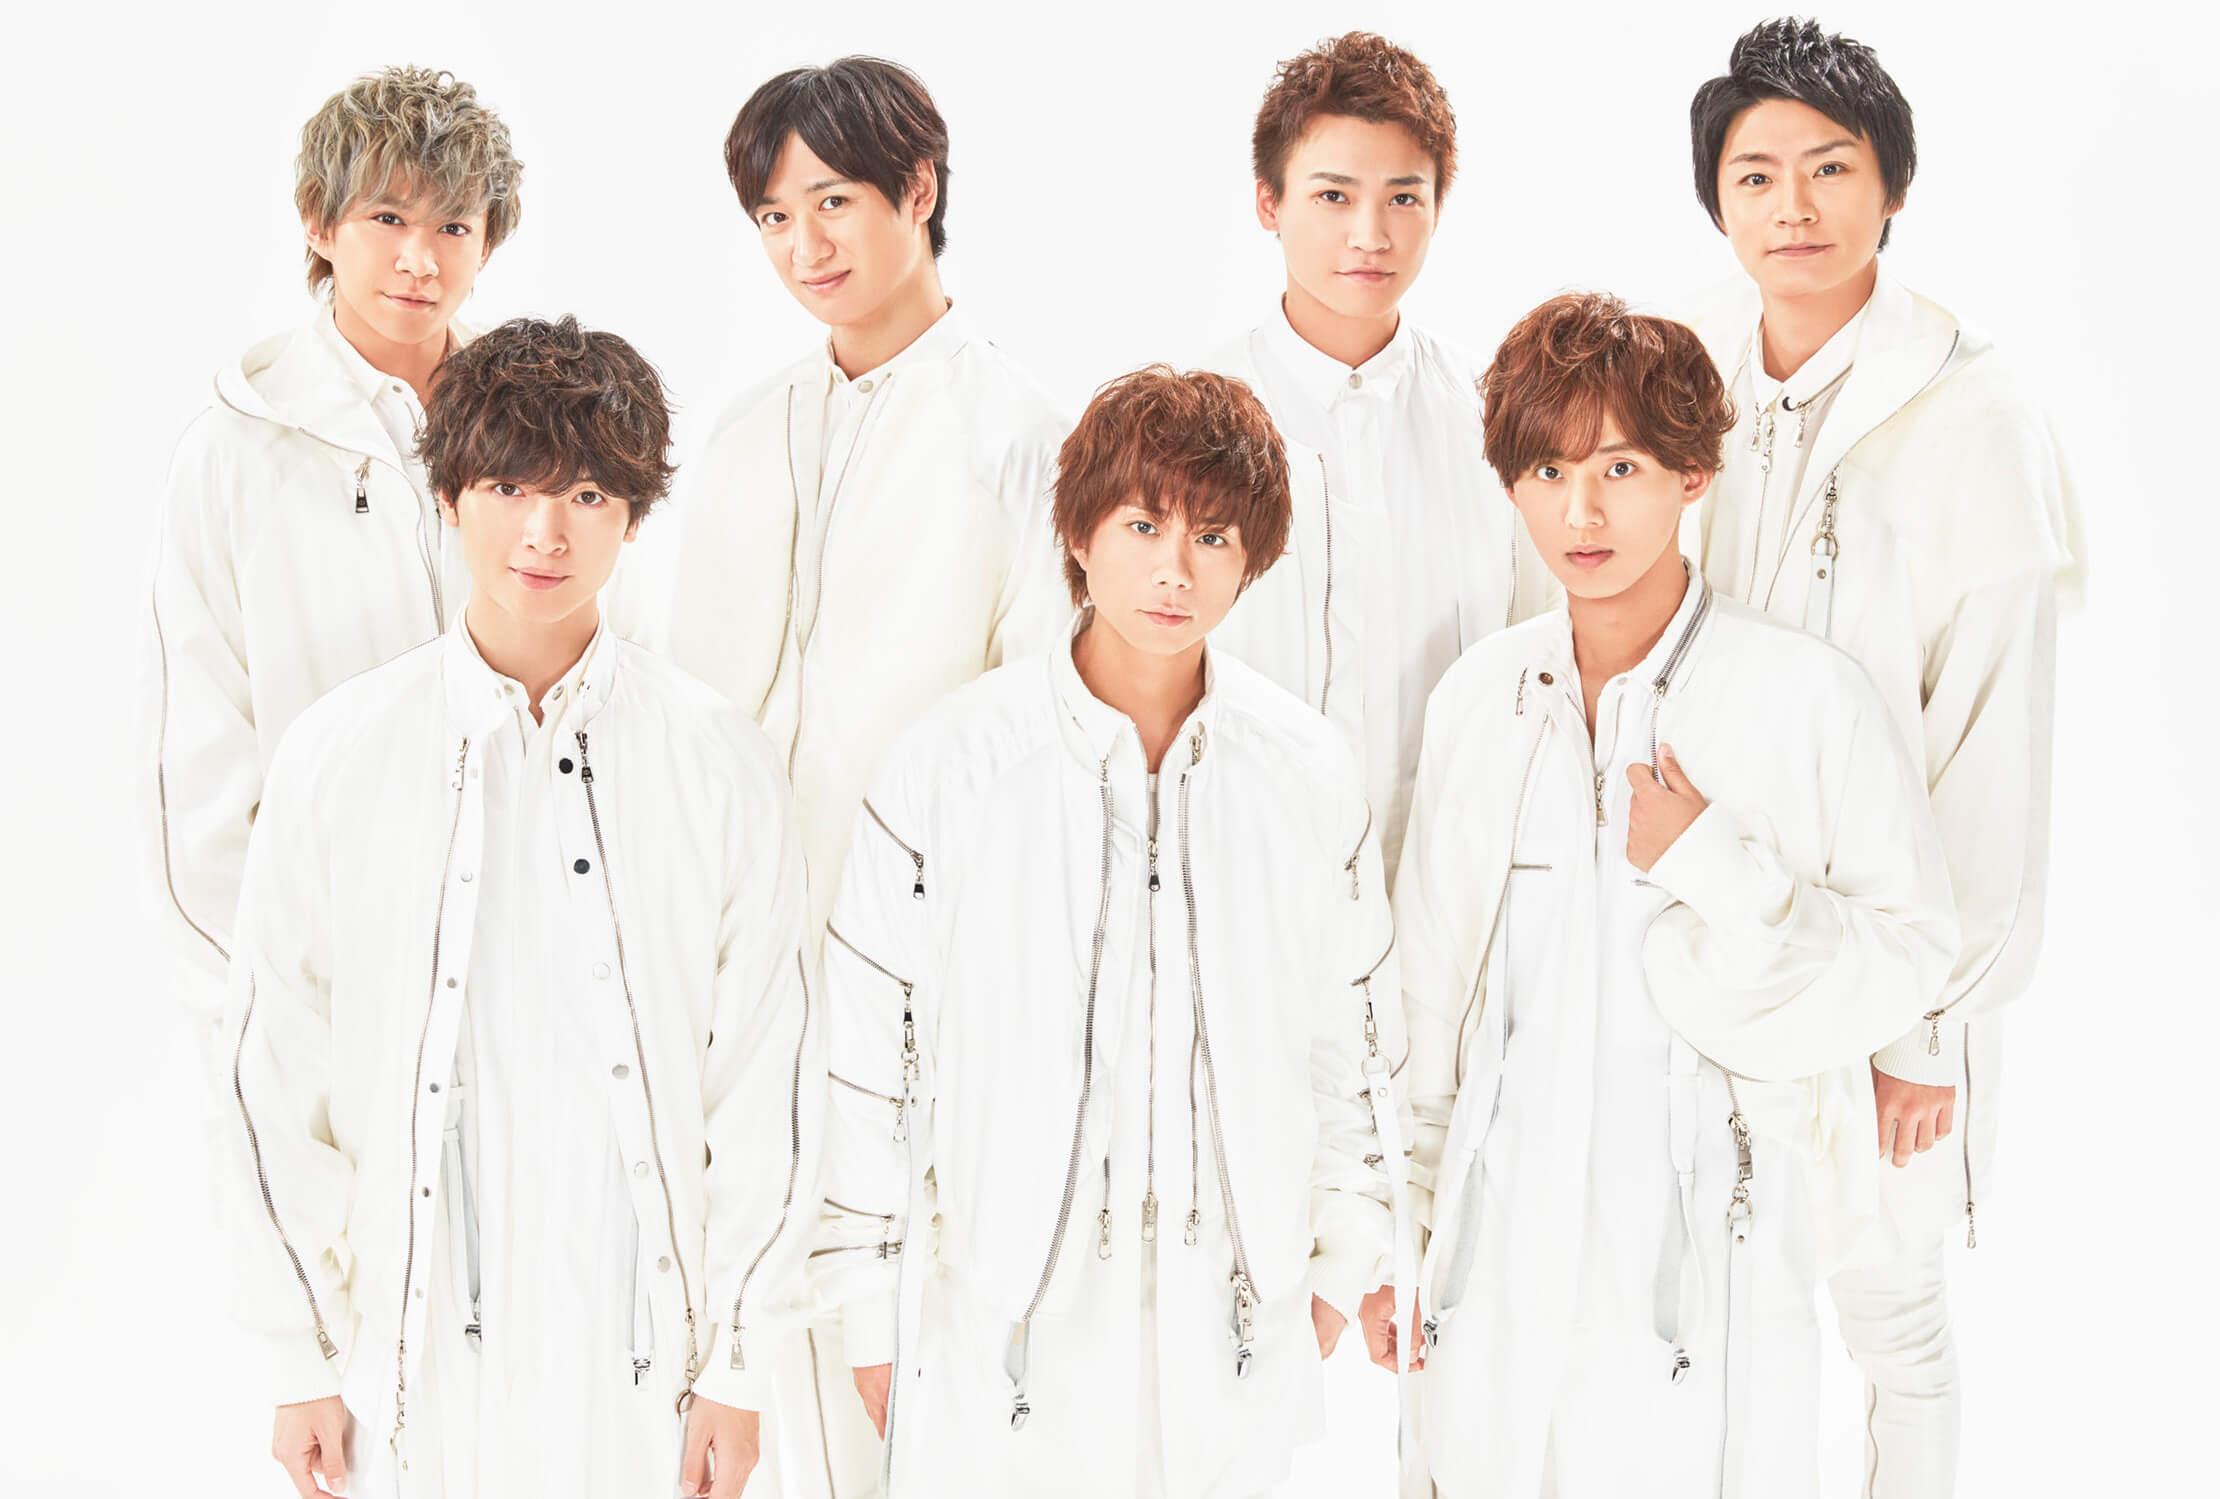 Kis-My-Ft2新單曲「你、我。」MV中展現帥氣高速墨爾本滑步舞姿 Kis-My-Ft2_、